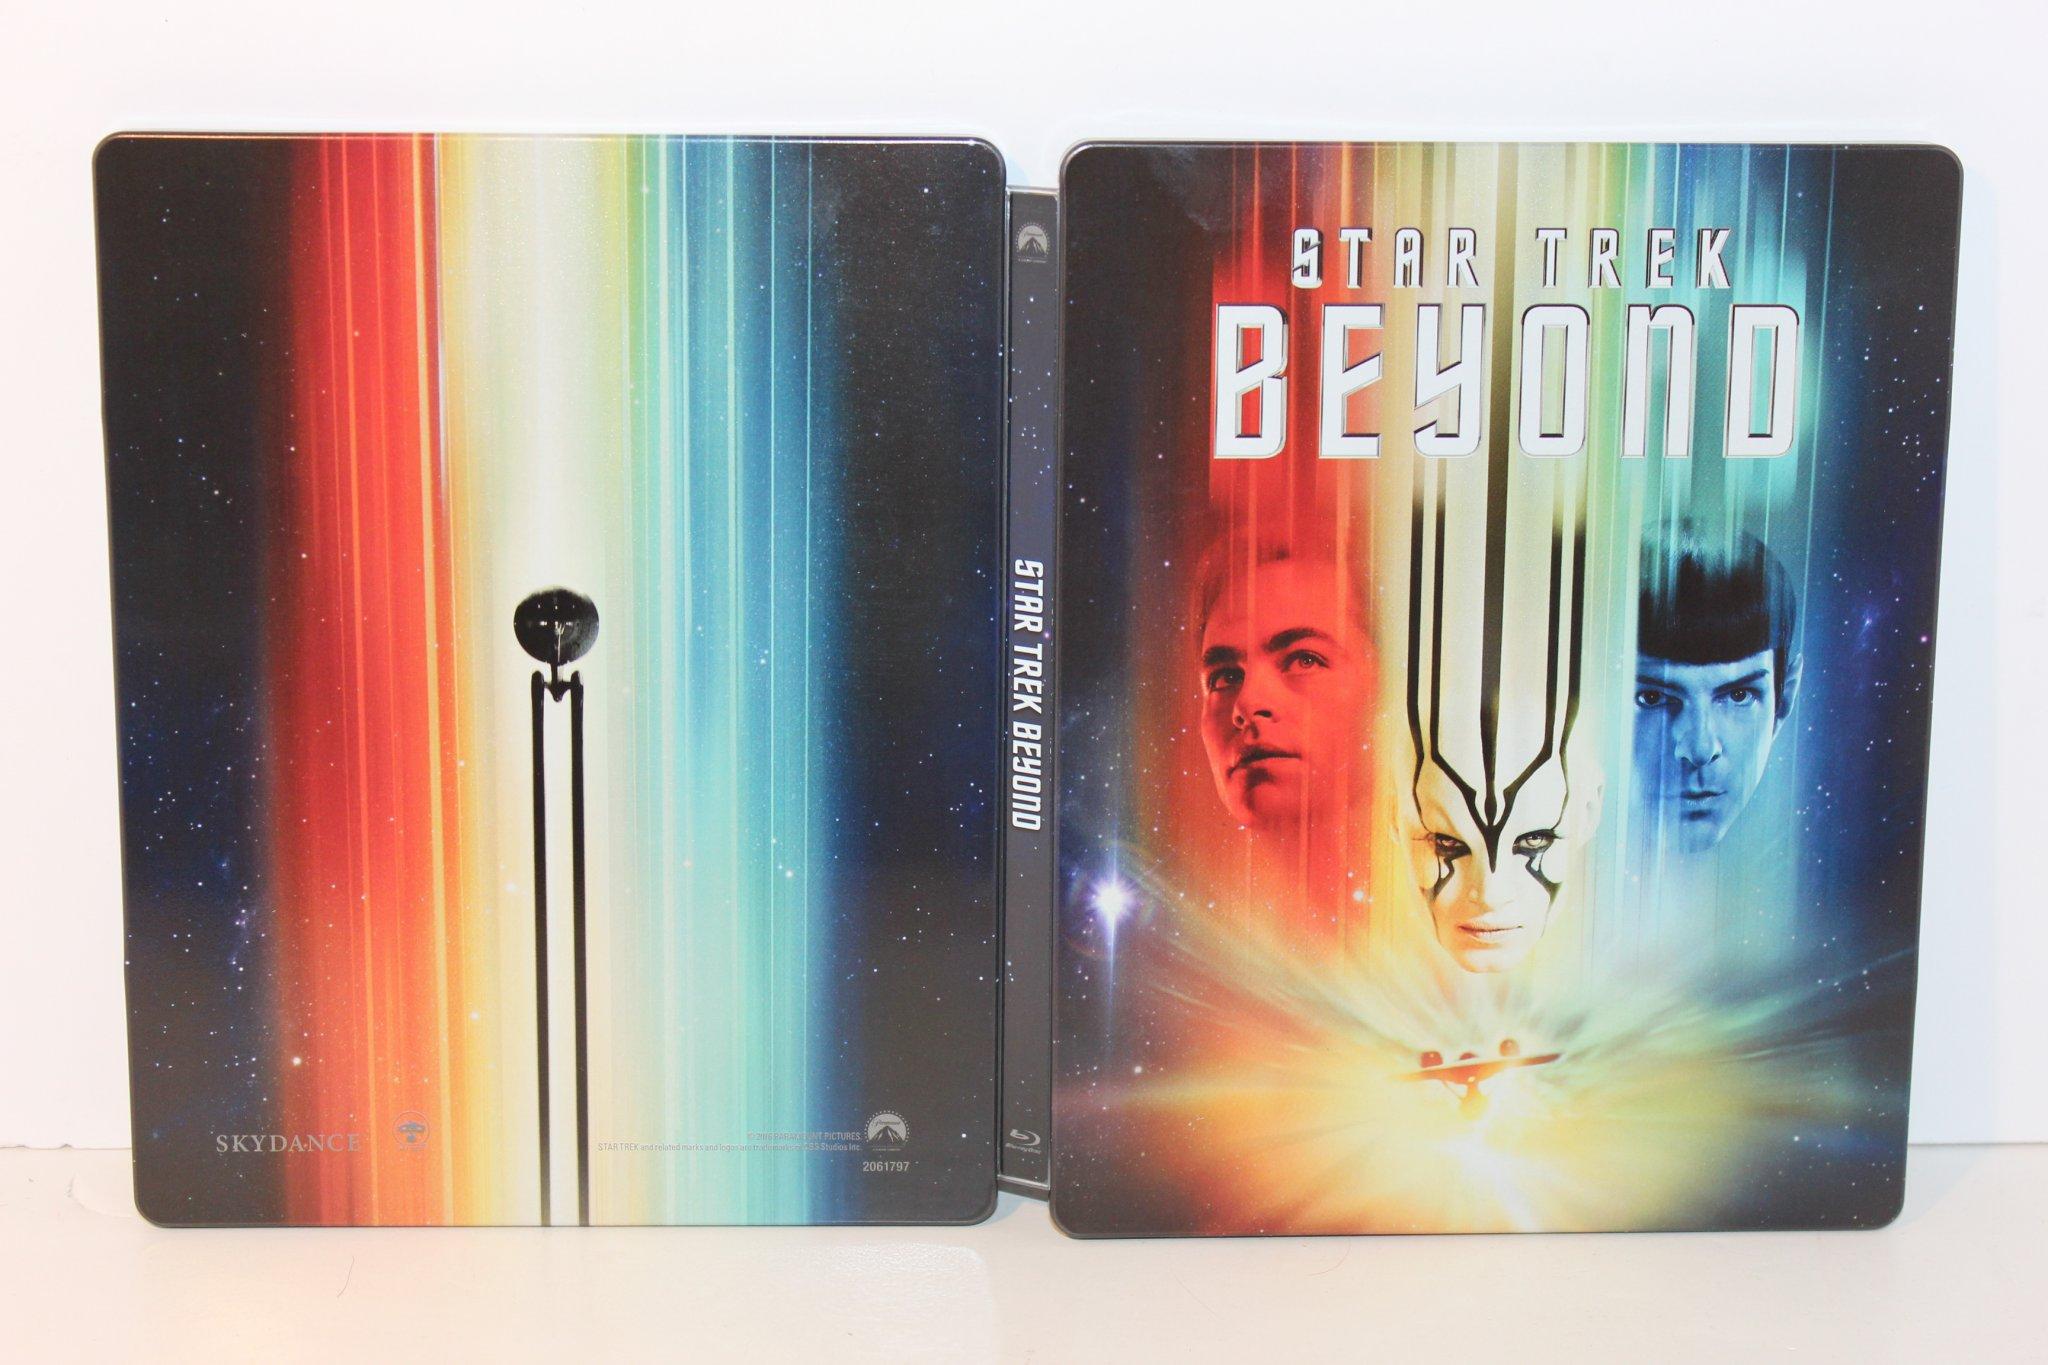 star-trek-beyond-steelbook-bestbuy-1